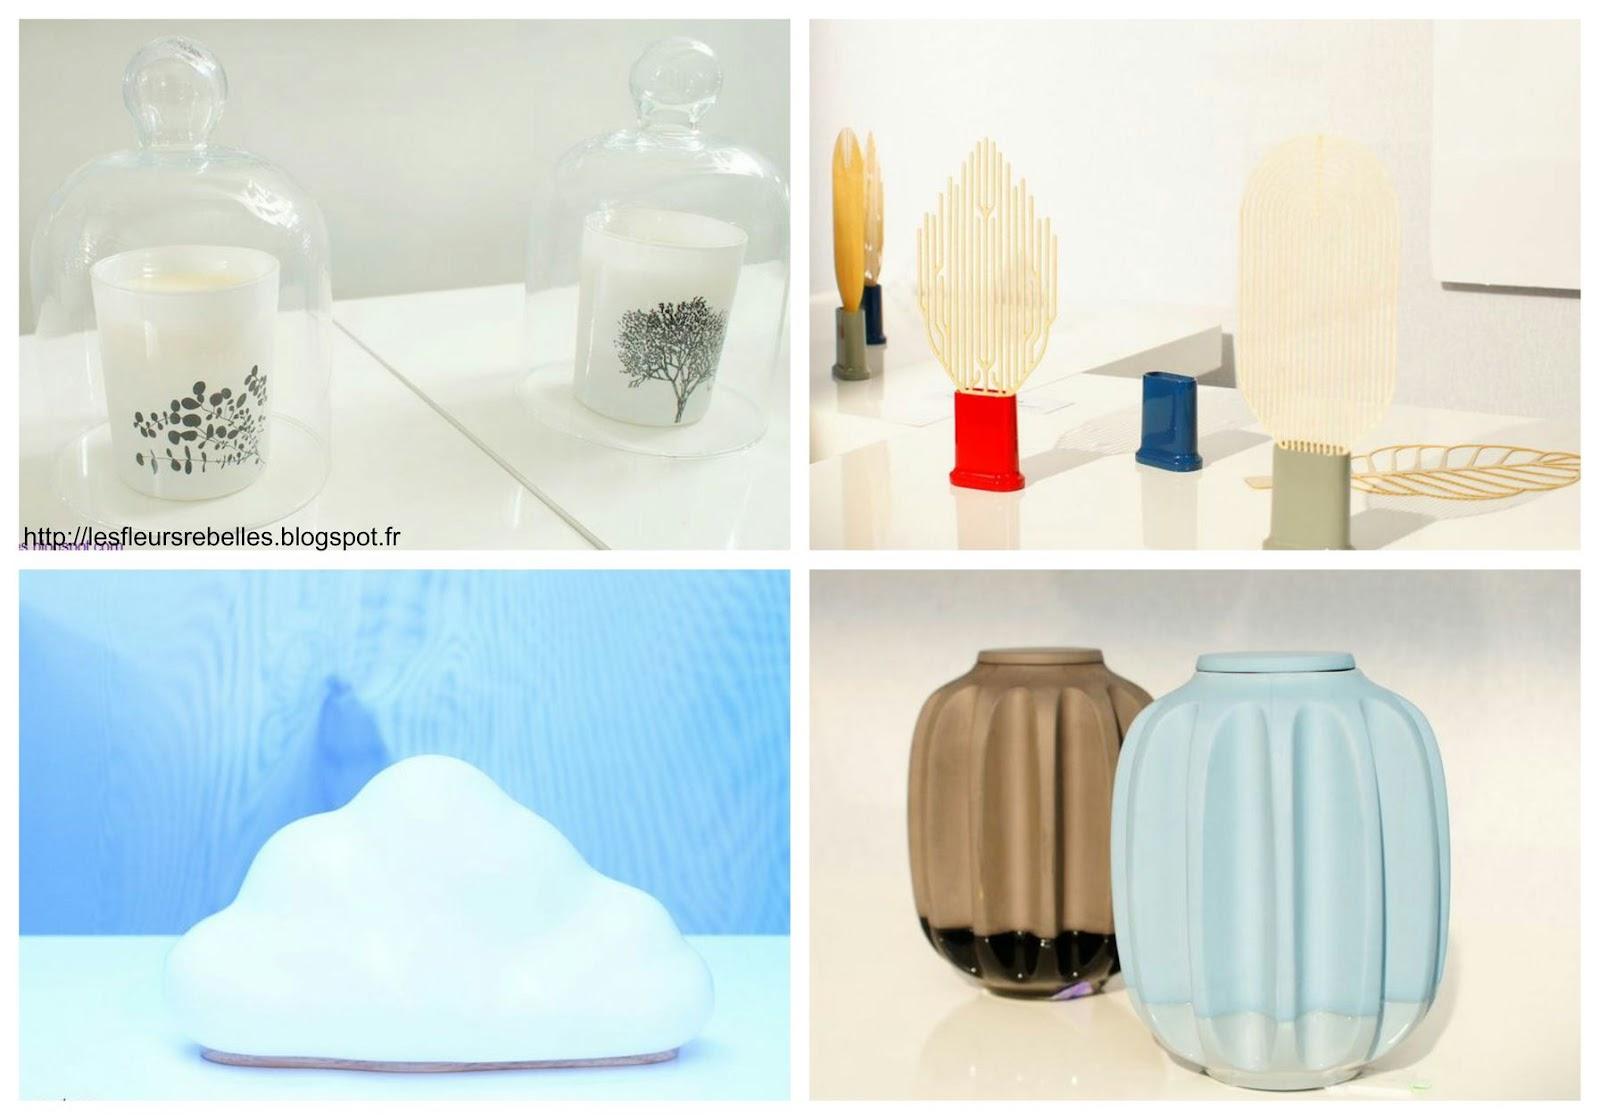 De beaux objets décoratifs en céramique qui diffusent lentement les parfums dambiance par capillarité h 135 cm ø 105 cm a découvrir en juillet 2015